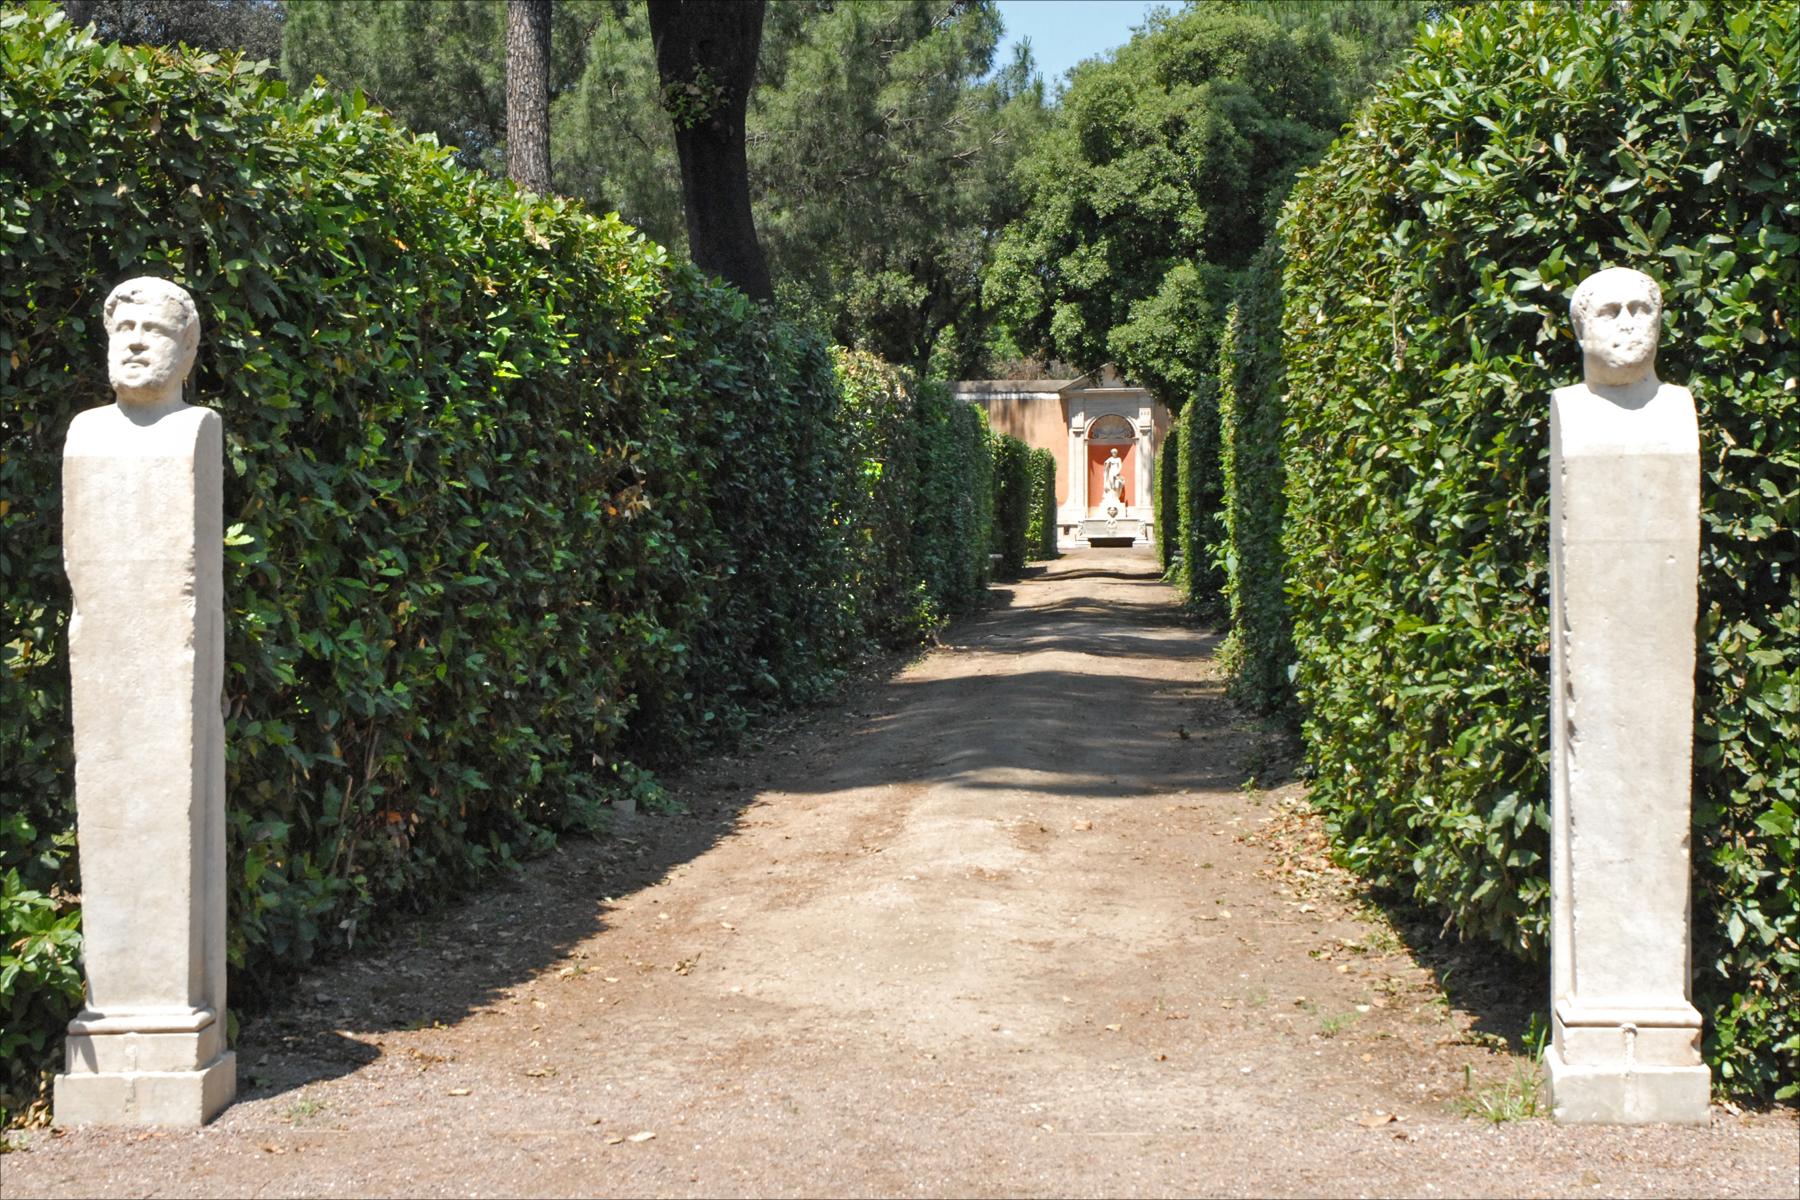 File Allée et Herm¨s dans le jardin de la villa Médicis Rome